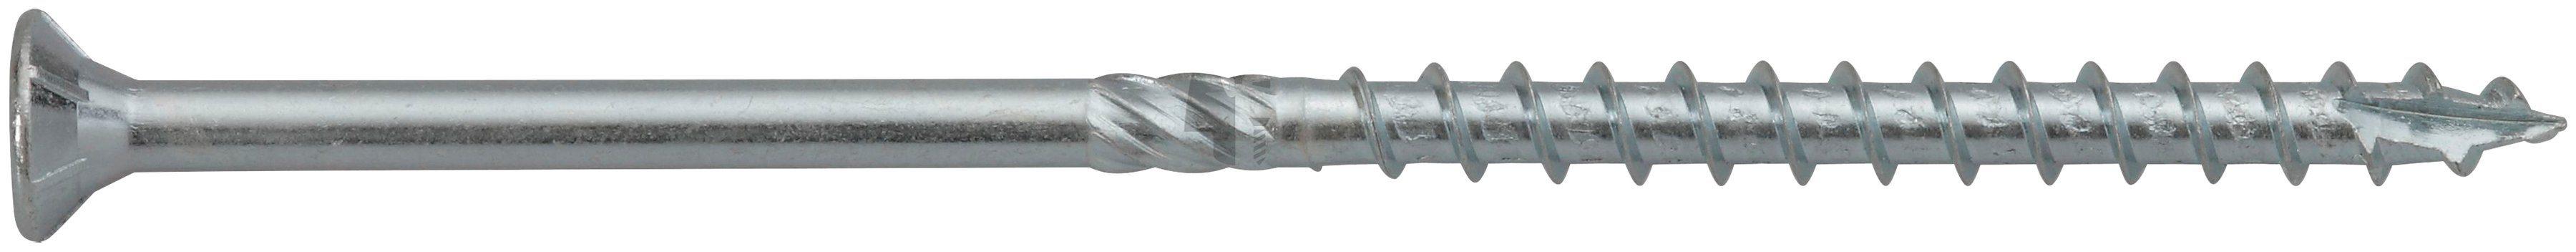 RAMSES Schrauben , Holzbauschraube 8 x 160 mm 100 Stk.